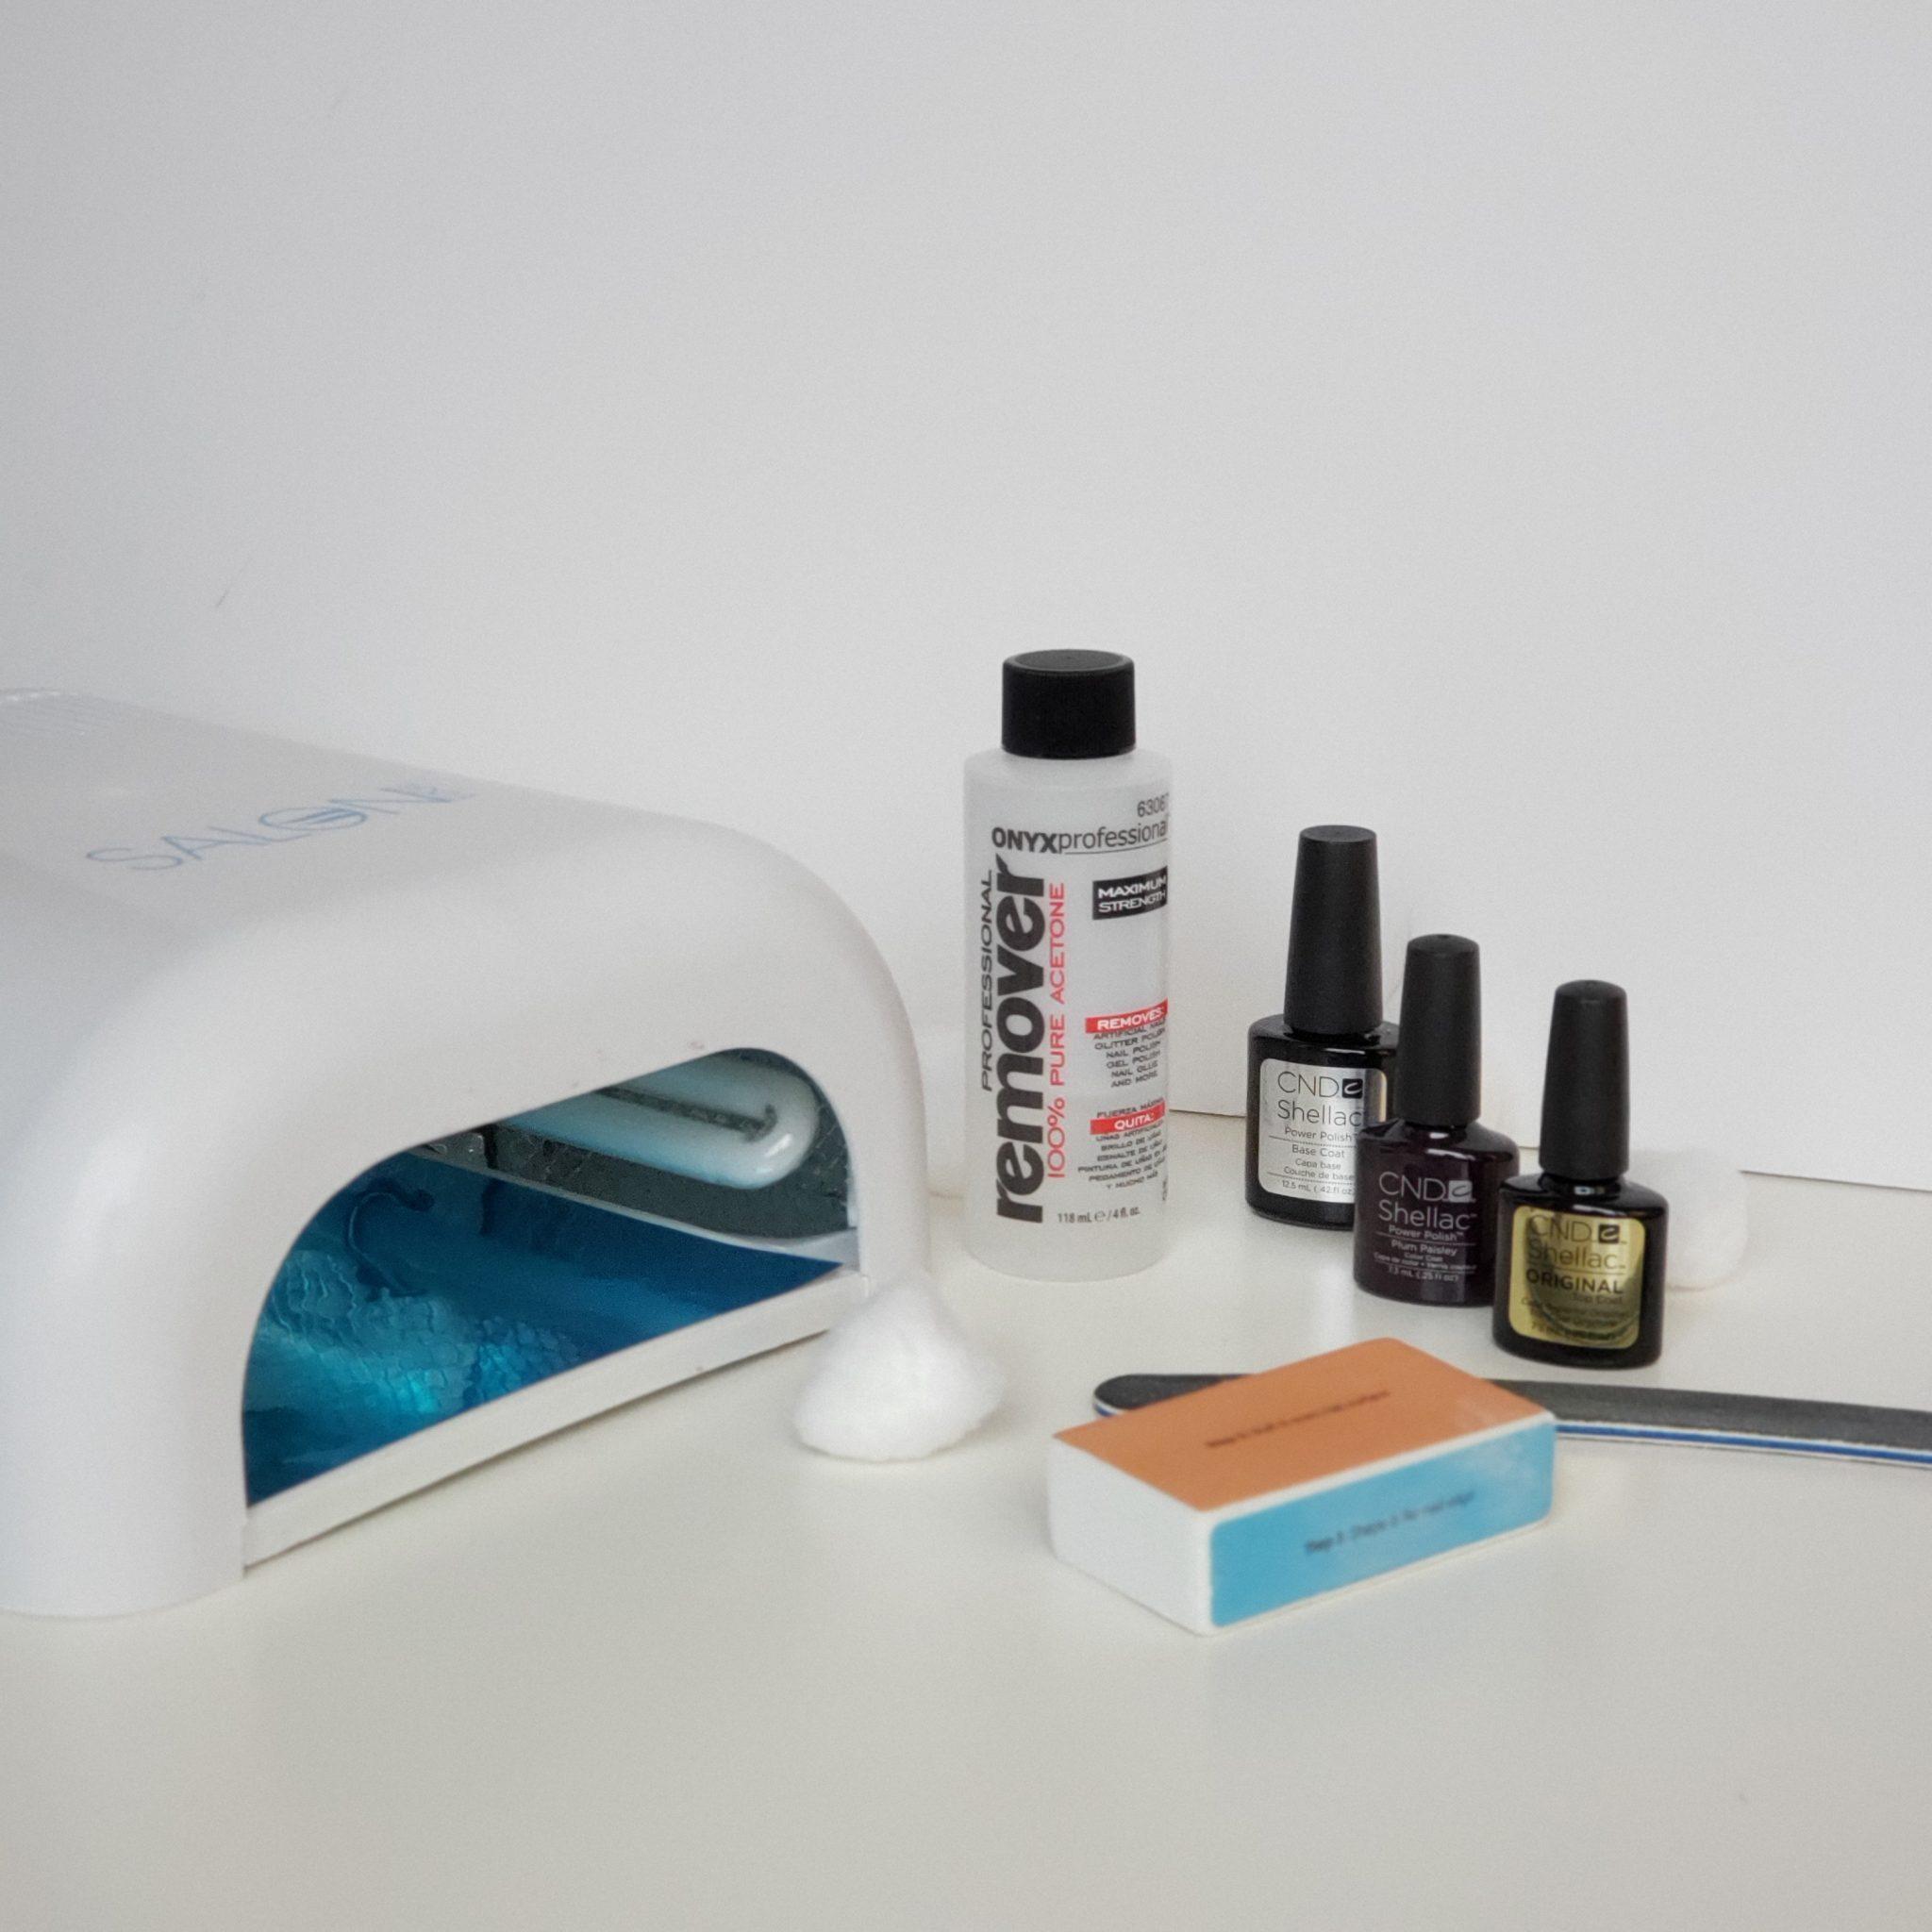 diy gel manicure supplies